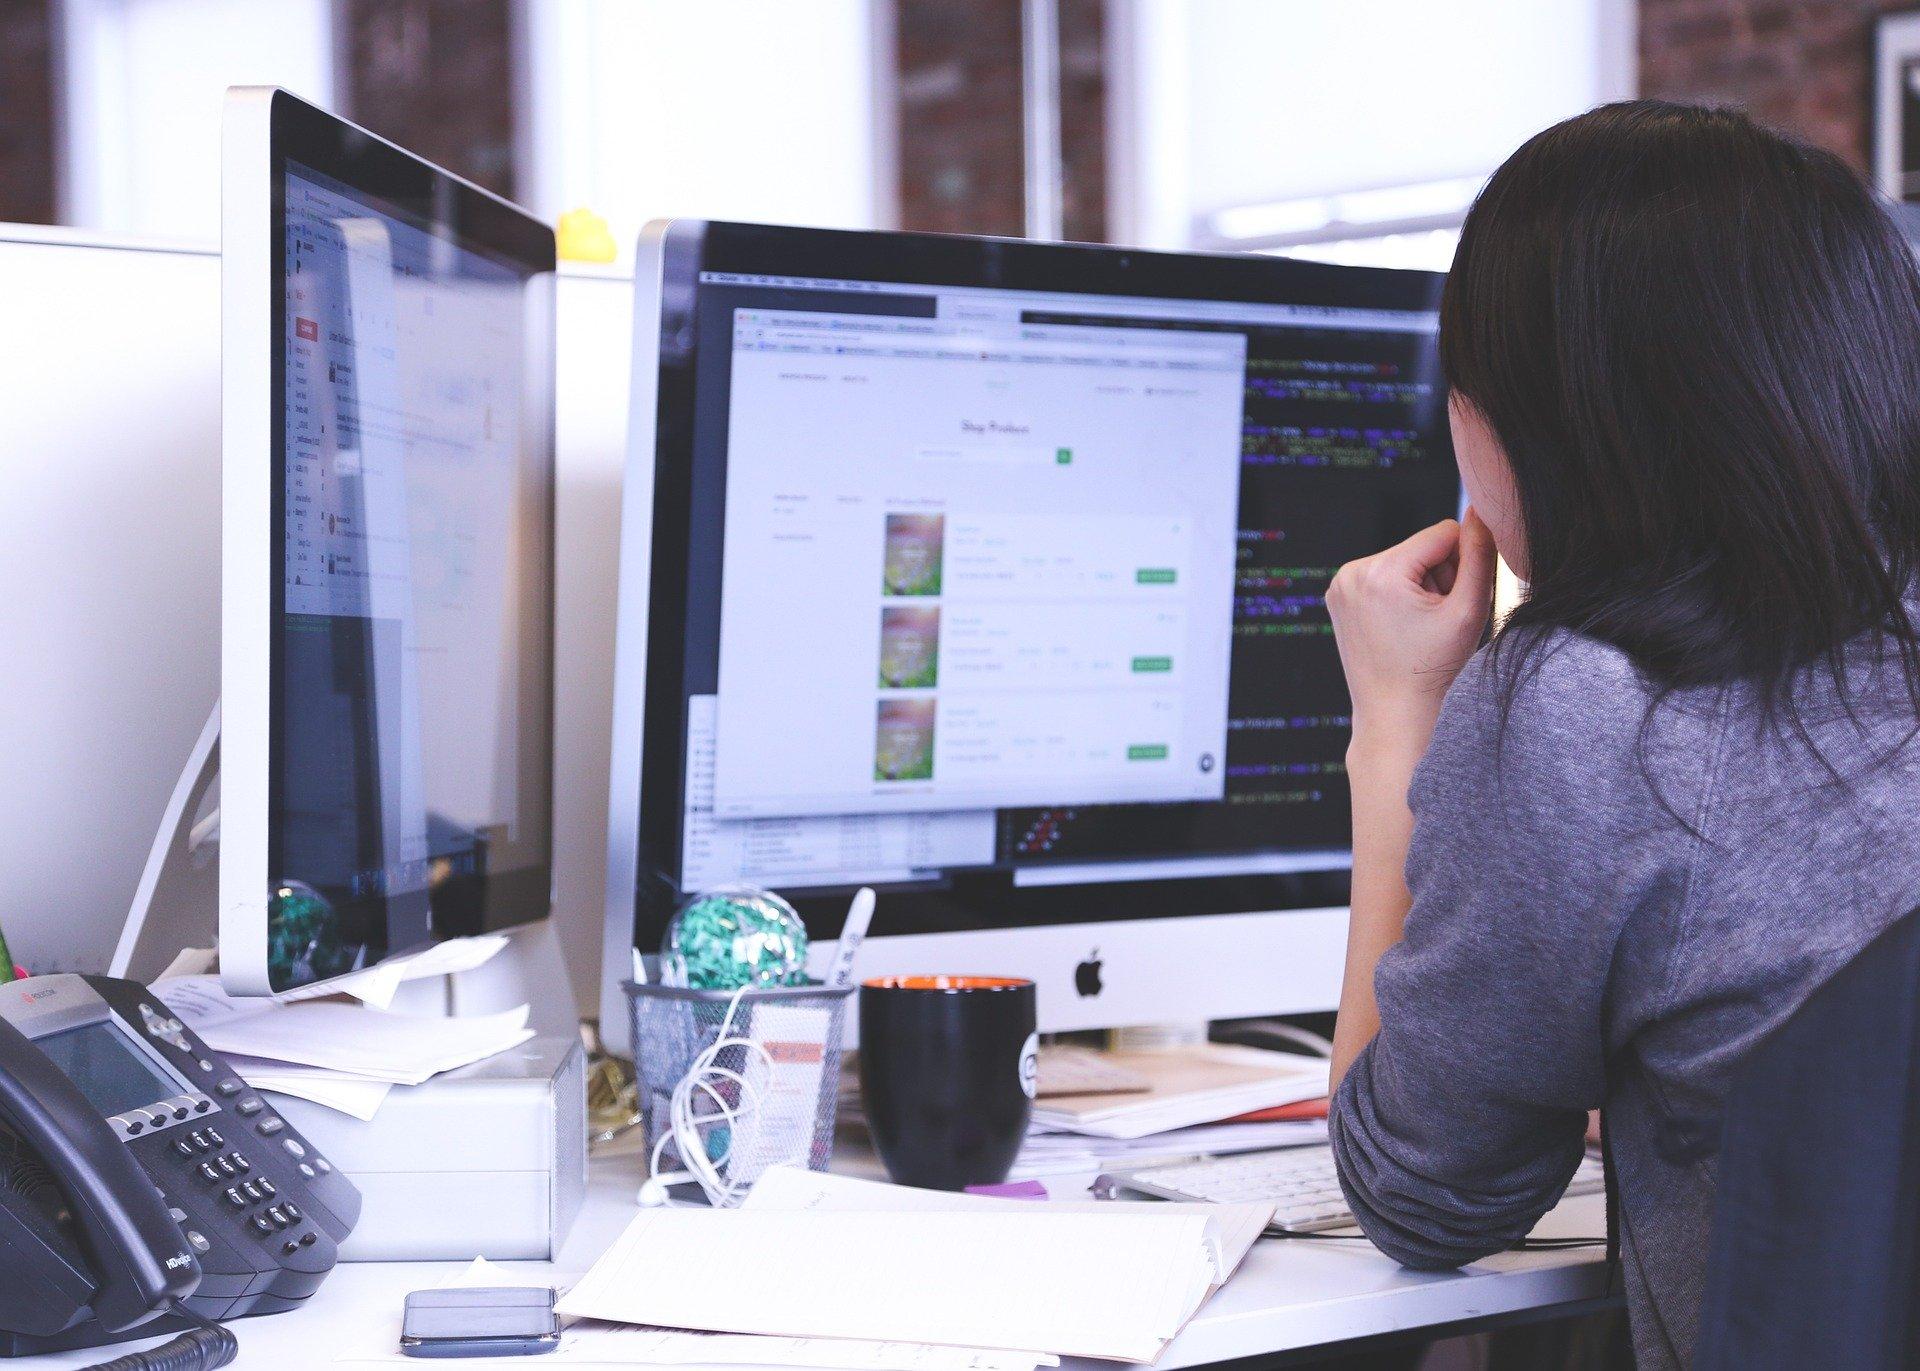 Imagem mostra uma mulher em frente a um computador.